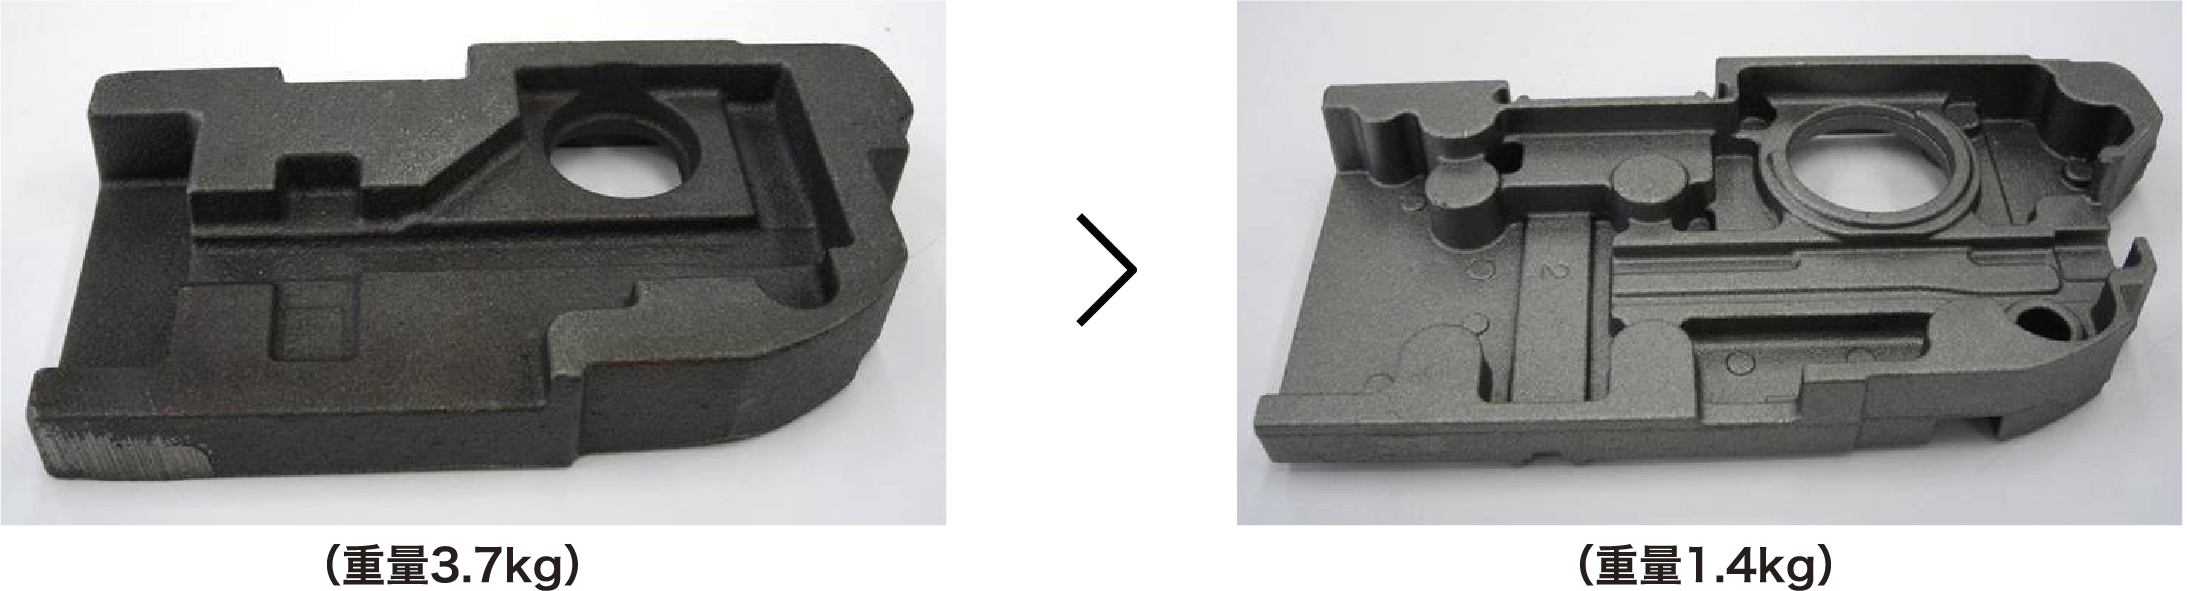 素材重量・加工工数削減画像